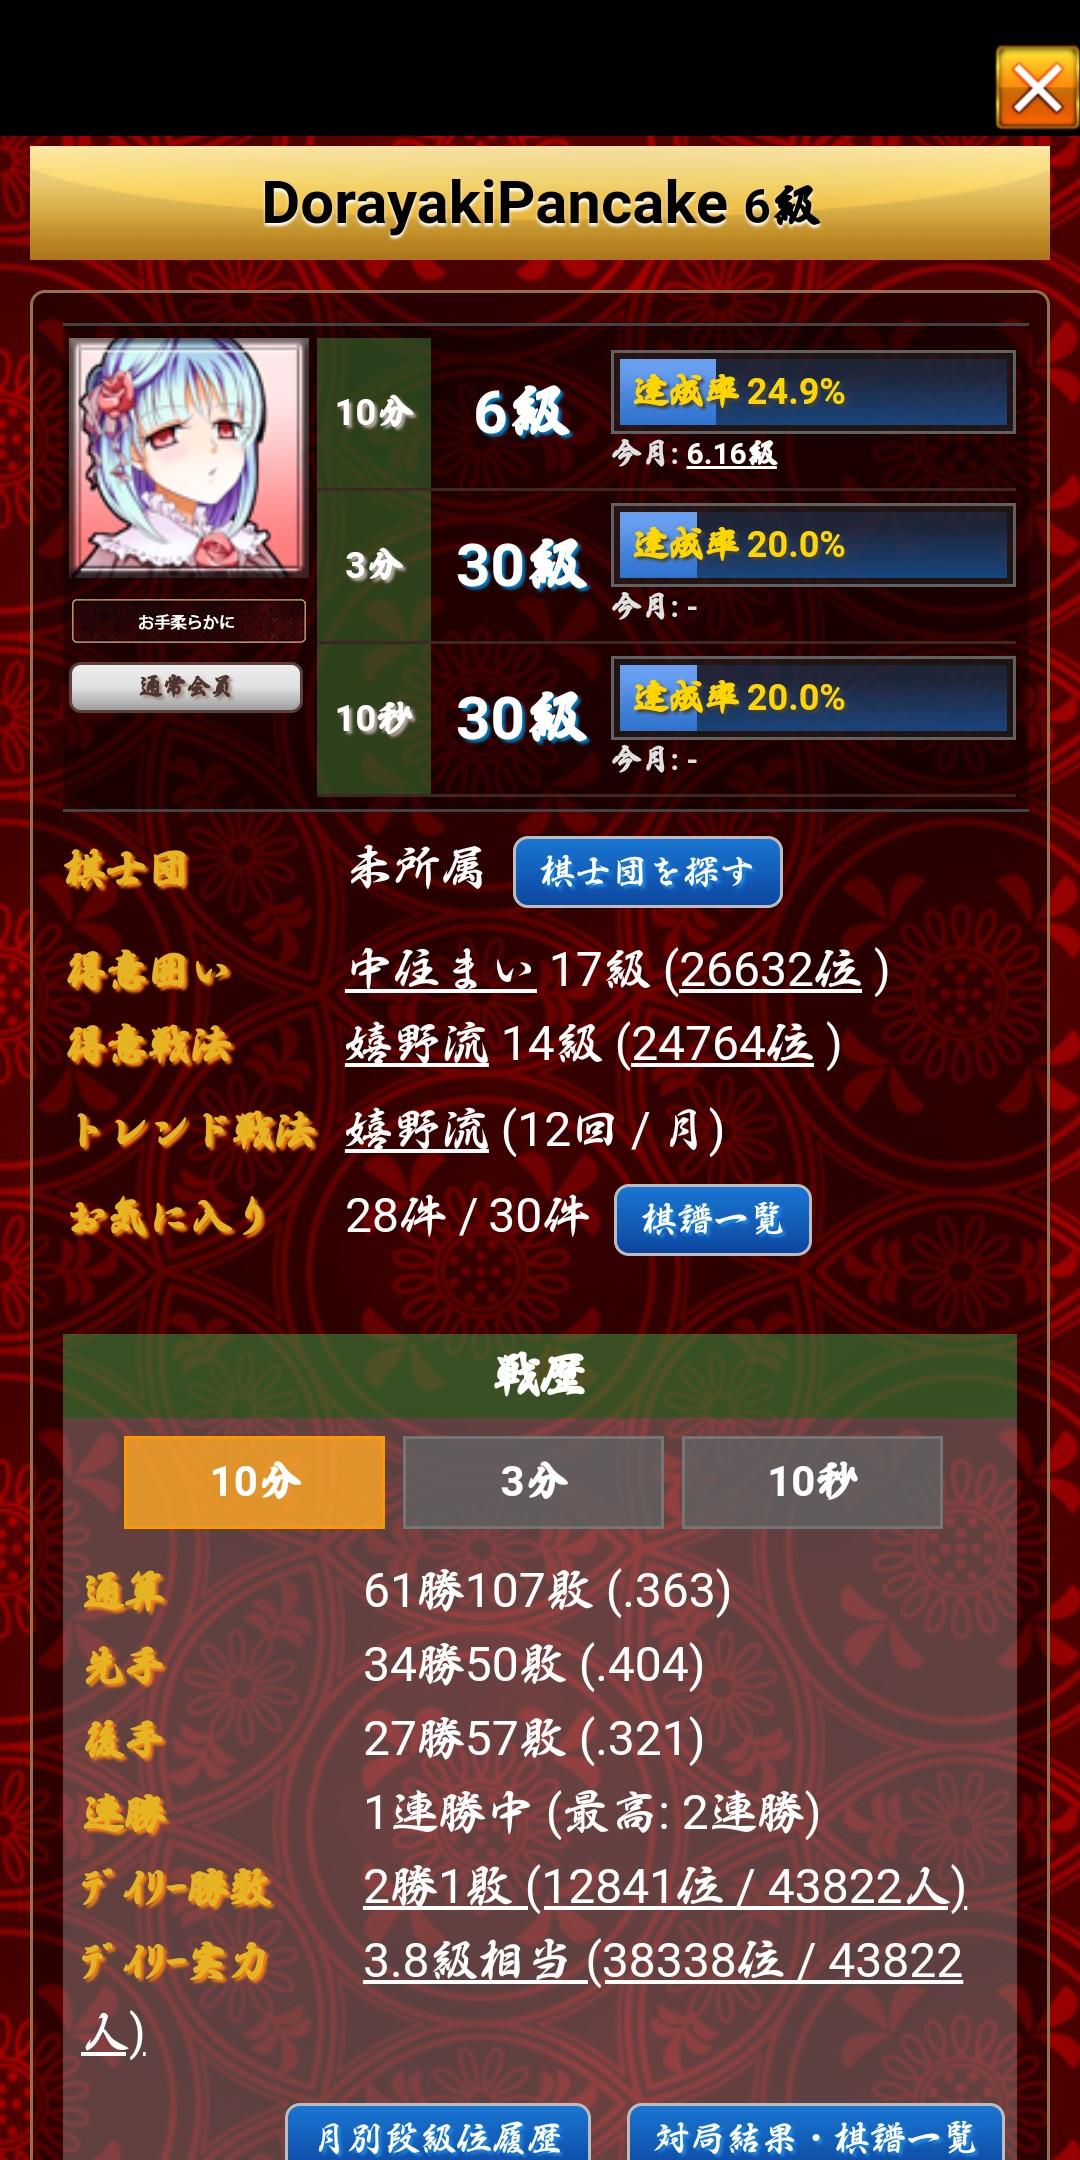 f:id:kotobukinatsuodorayaki:20201125164946j:image